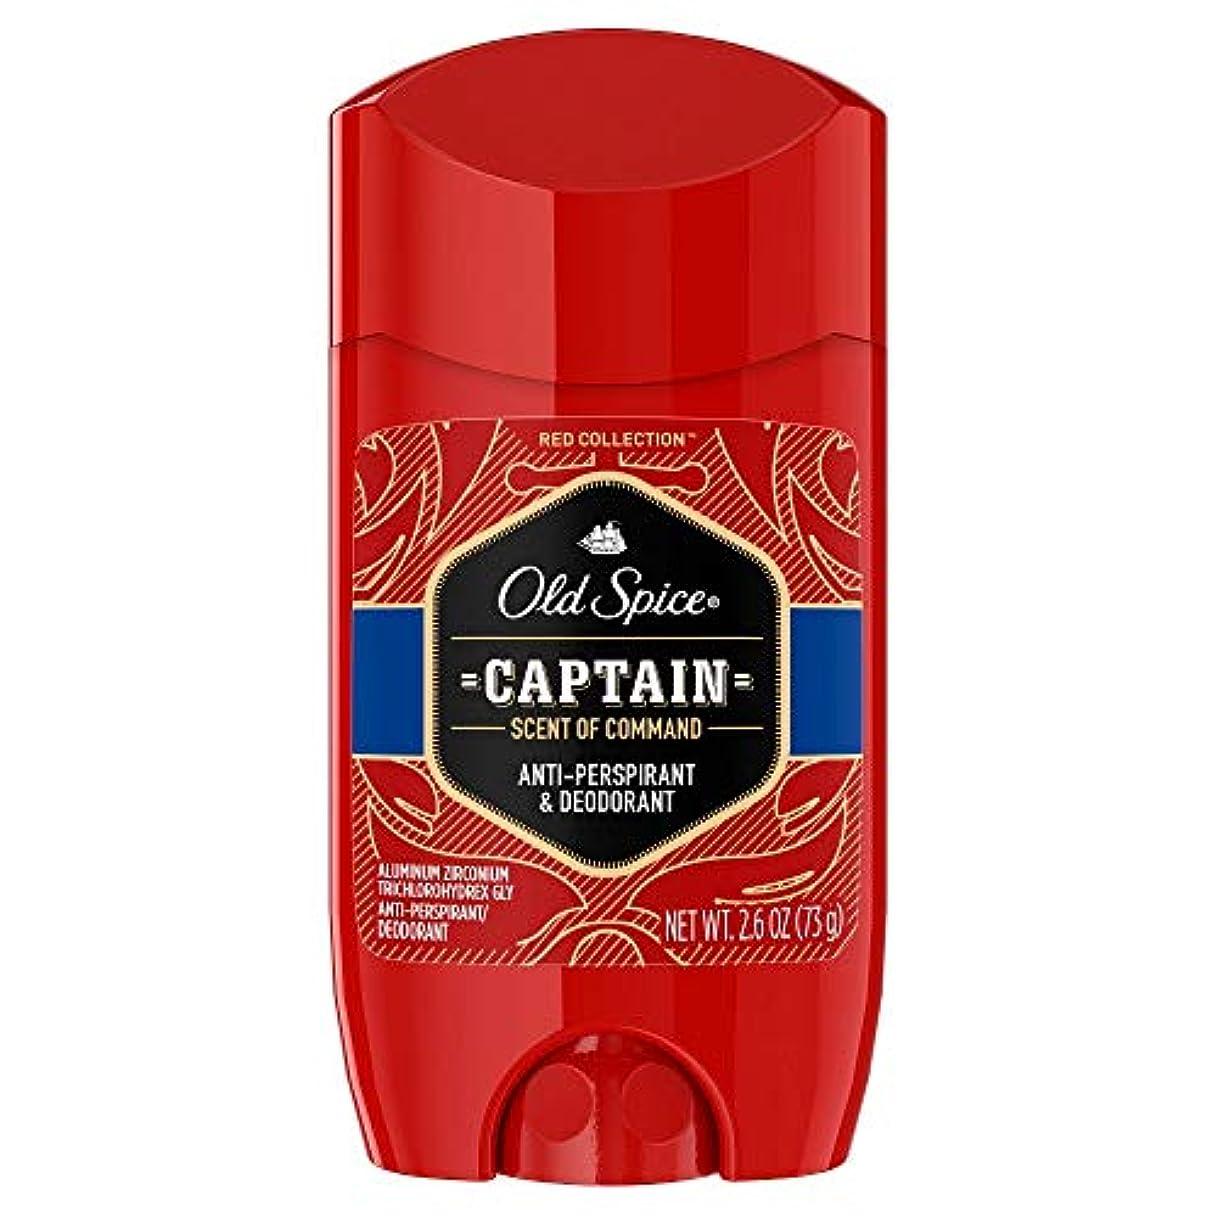 全滅させる想像力豊かな両方Old Spice レッド男性用制汗?消臭見えないソリッドコレクション、キャプテン、2.6オンス